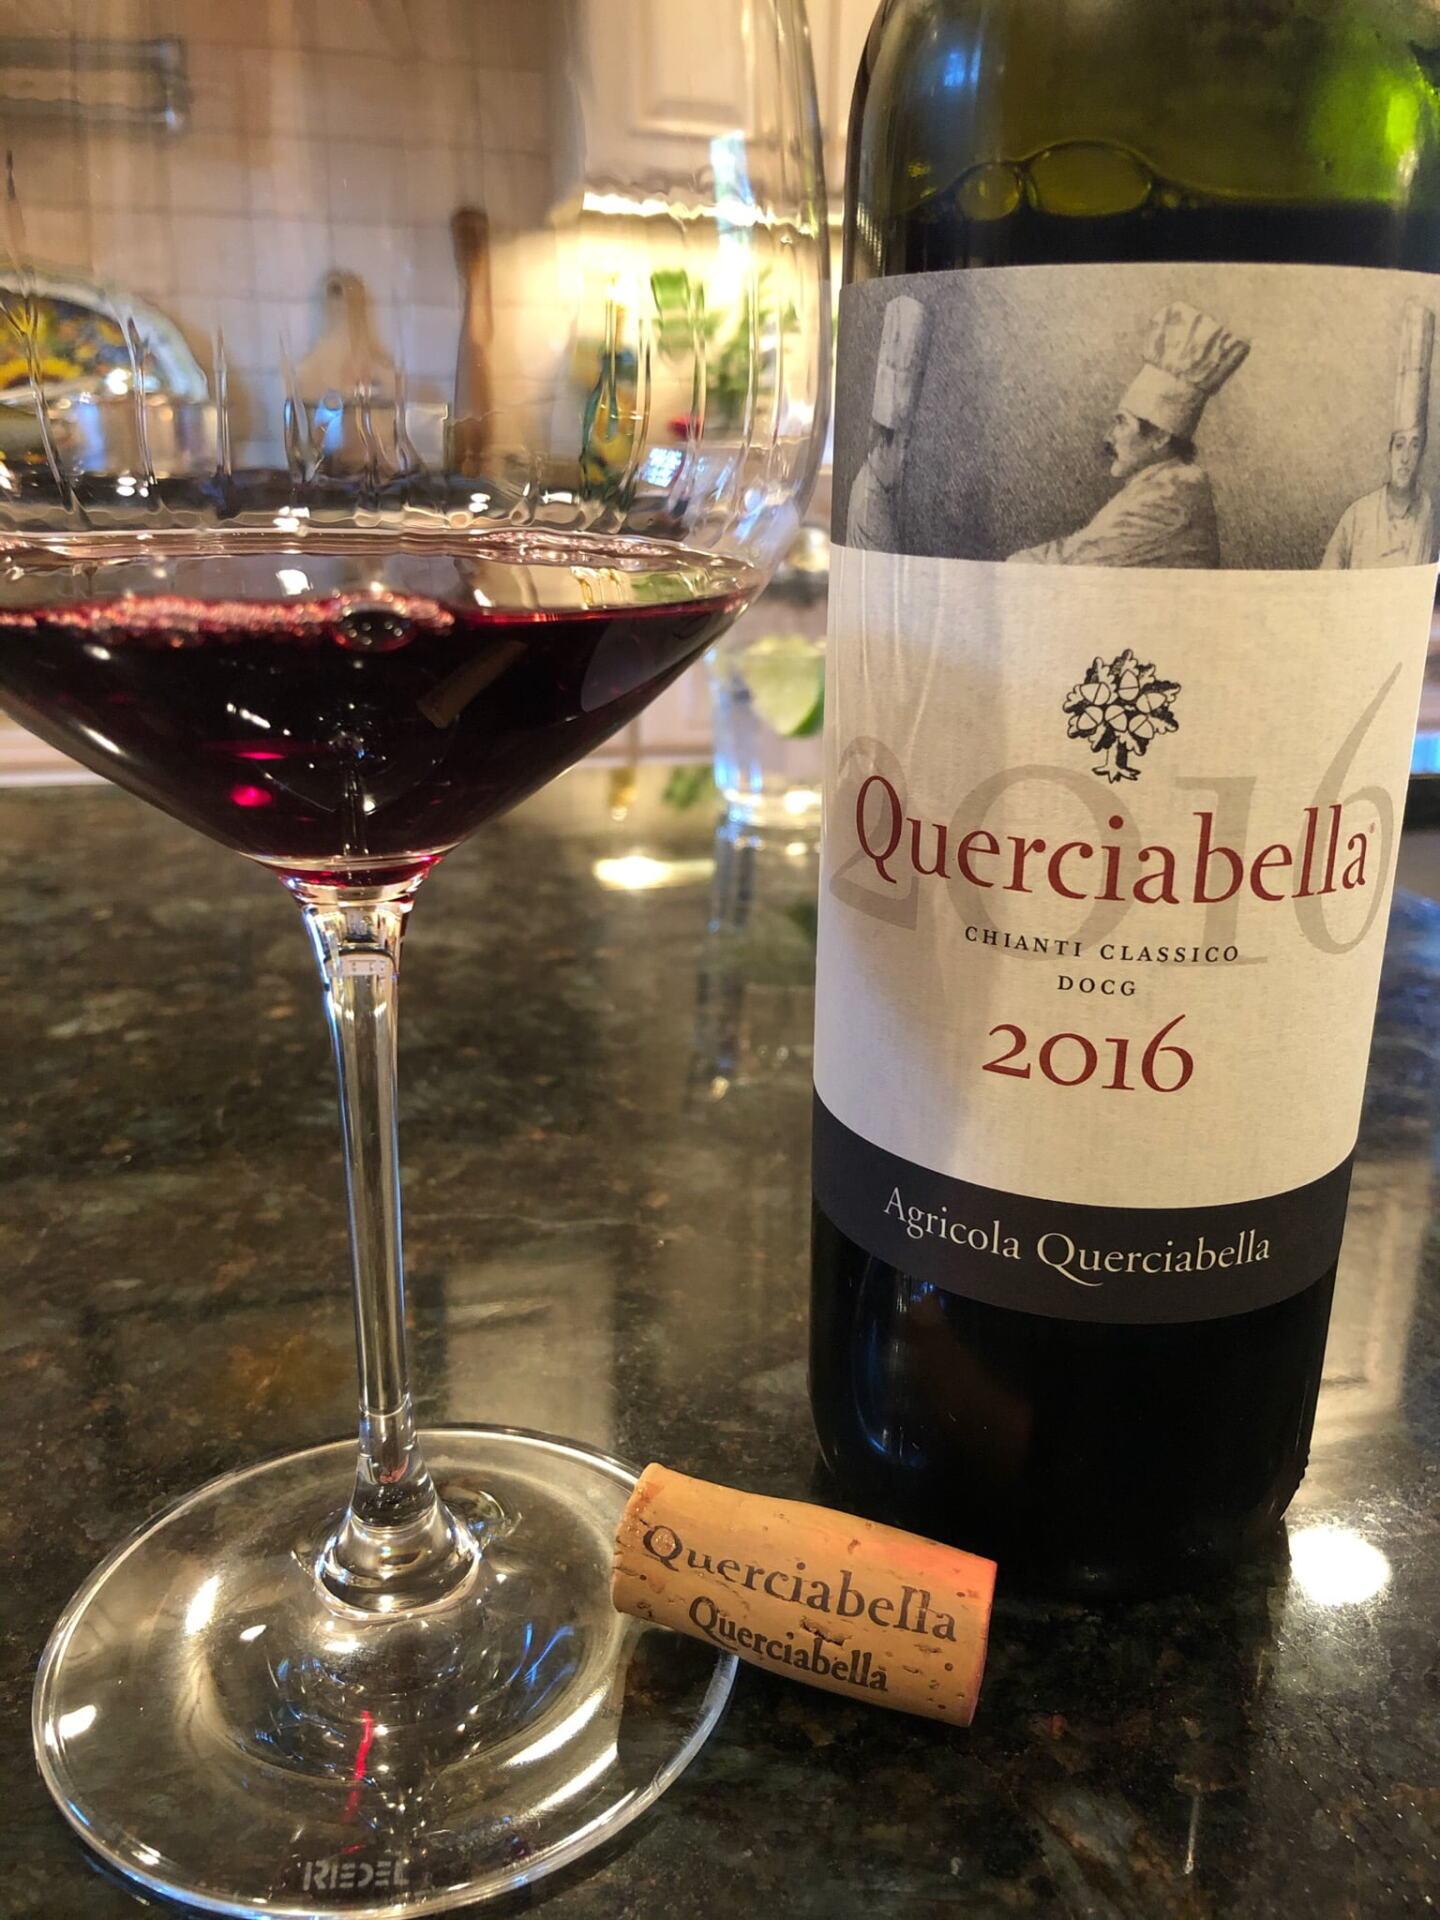 Querciabella wine in glass